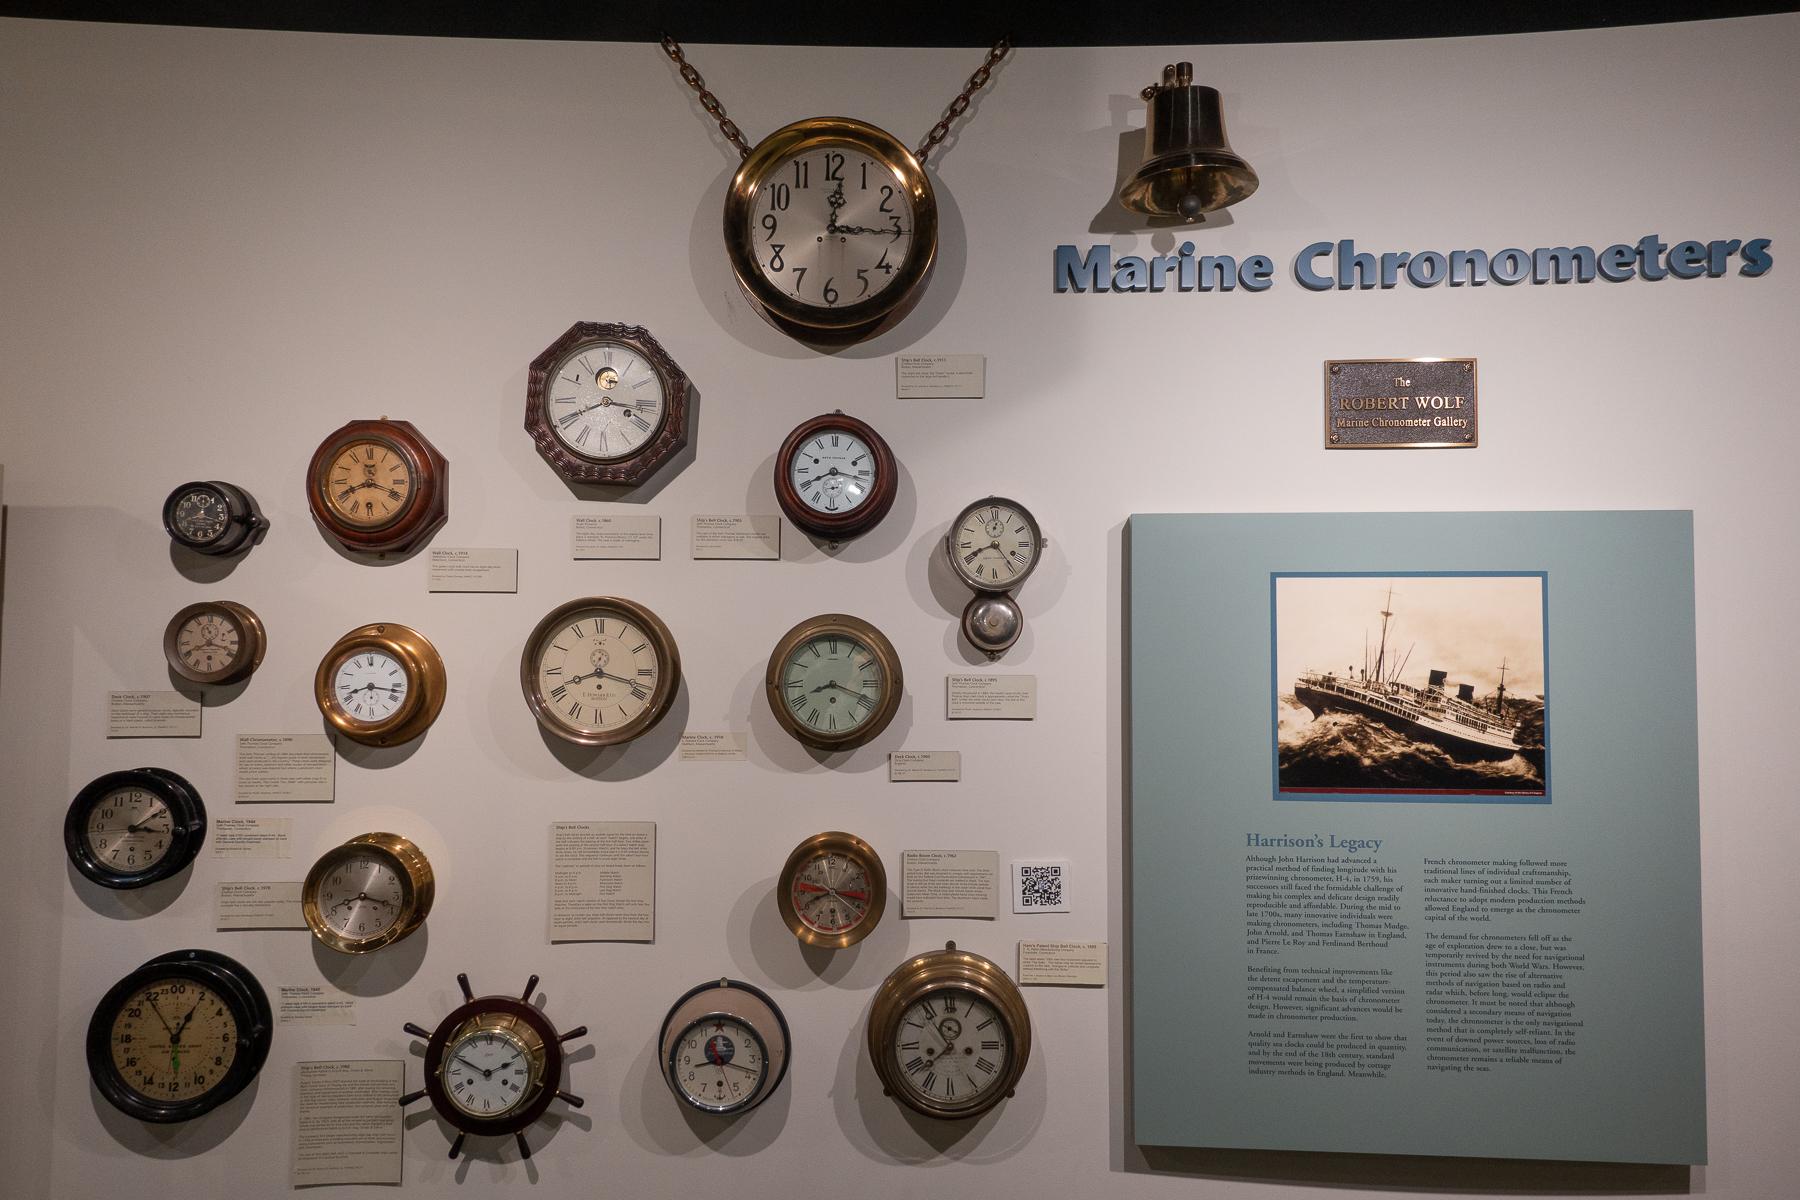 Marine Chronometers